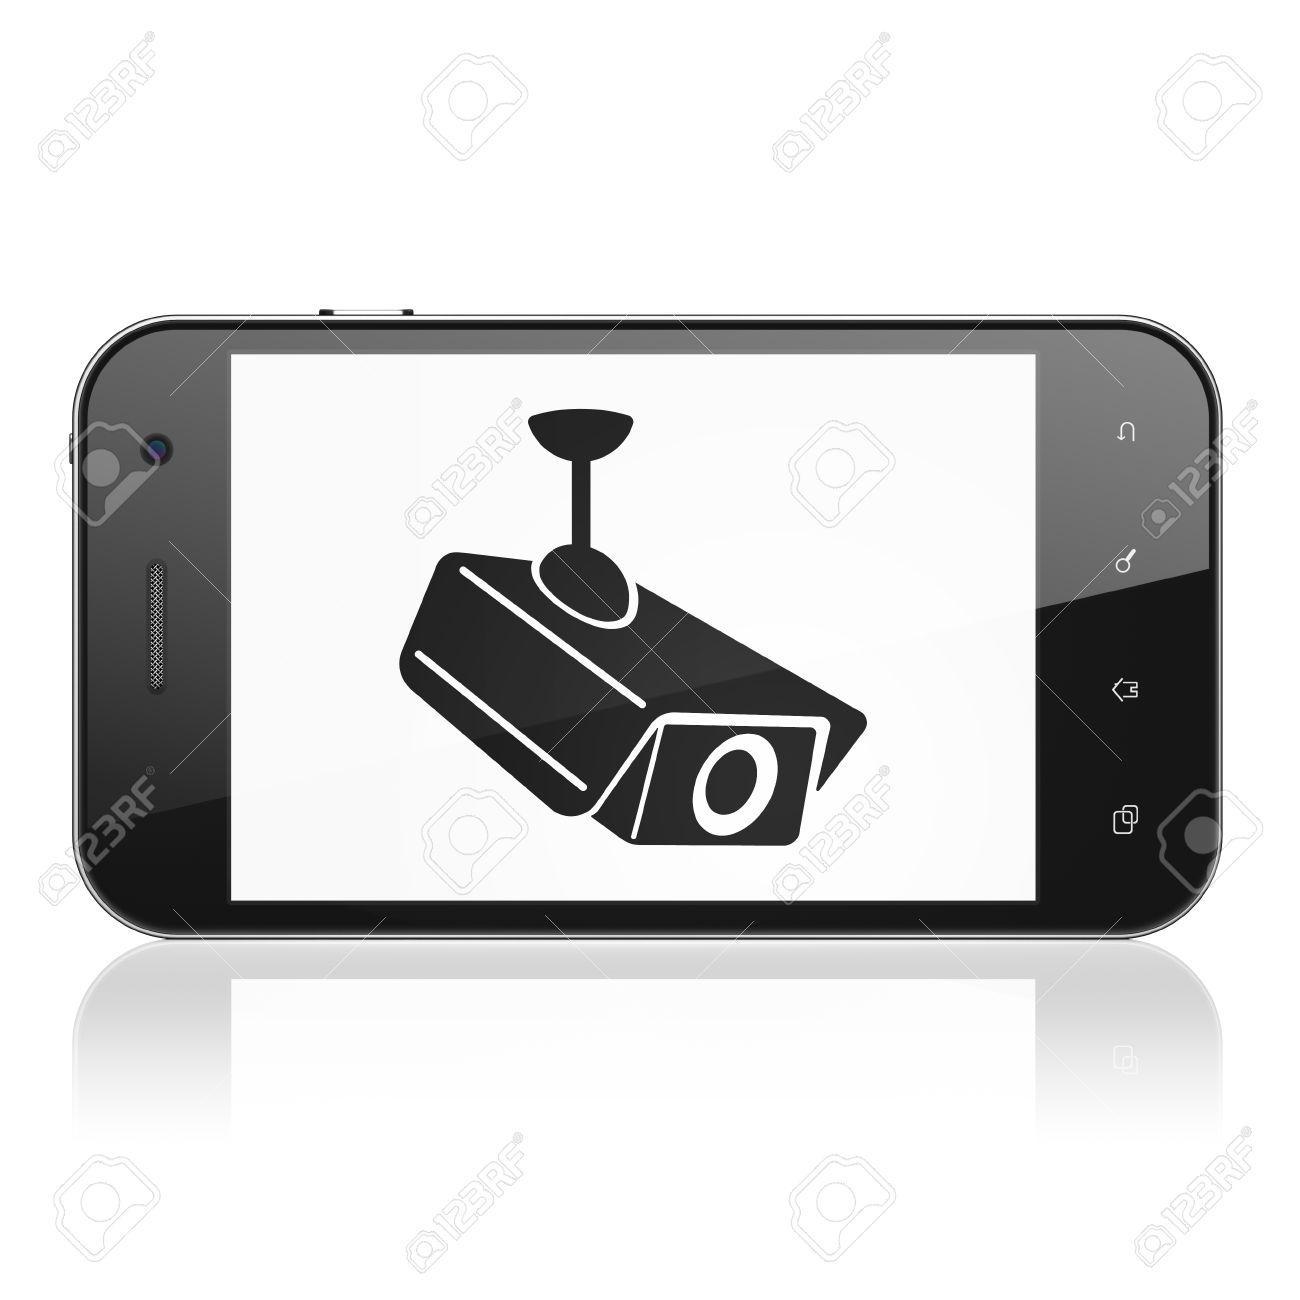 গোপনে ভিডিও রেকডিং করে সকলকে অবাক করে দিন অনেক ছোট একটি এপ্স দিয়ে(+Screenshot)